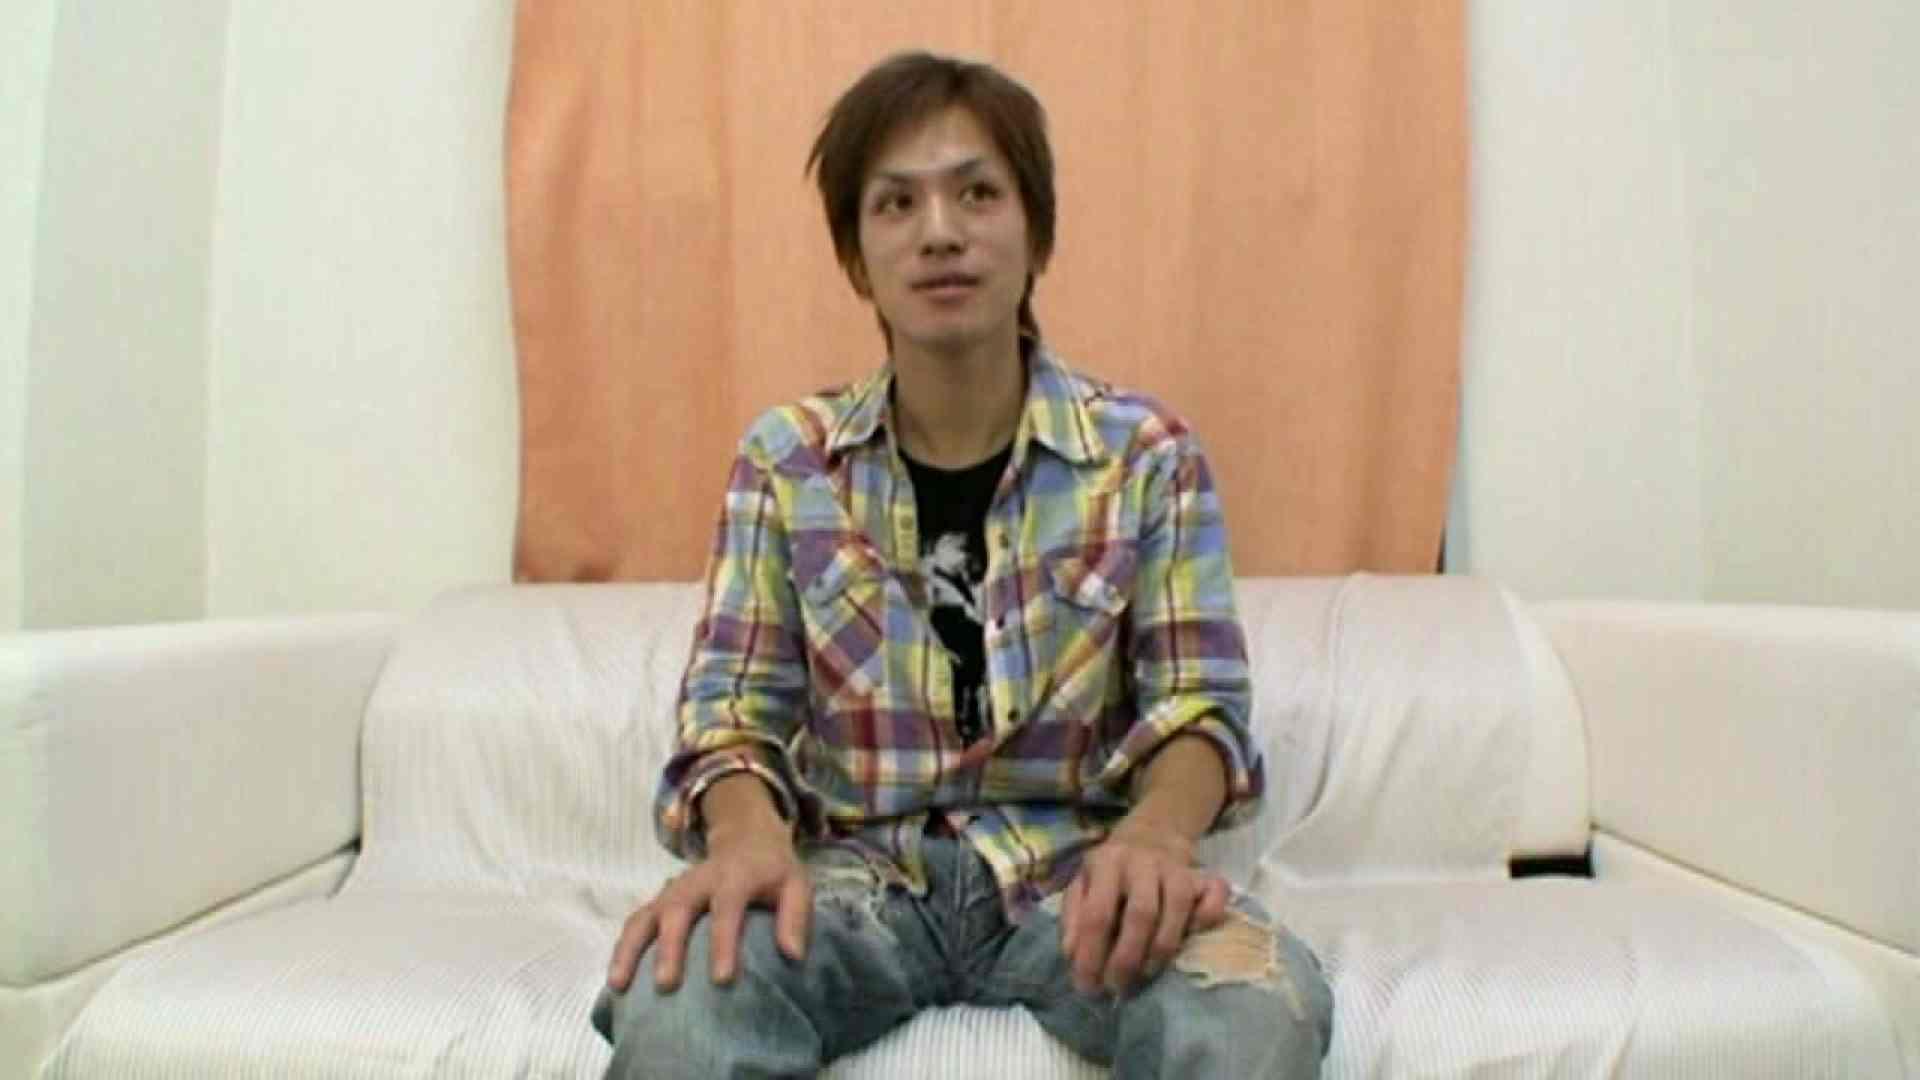 ノンケ!自慰スタジオ No.03 オナニー ゲイAV画像 101pic 27